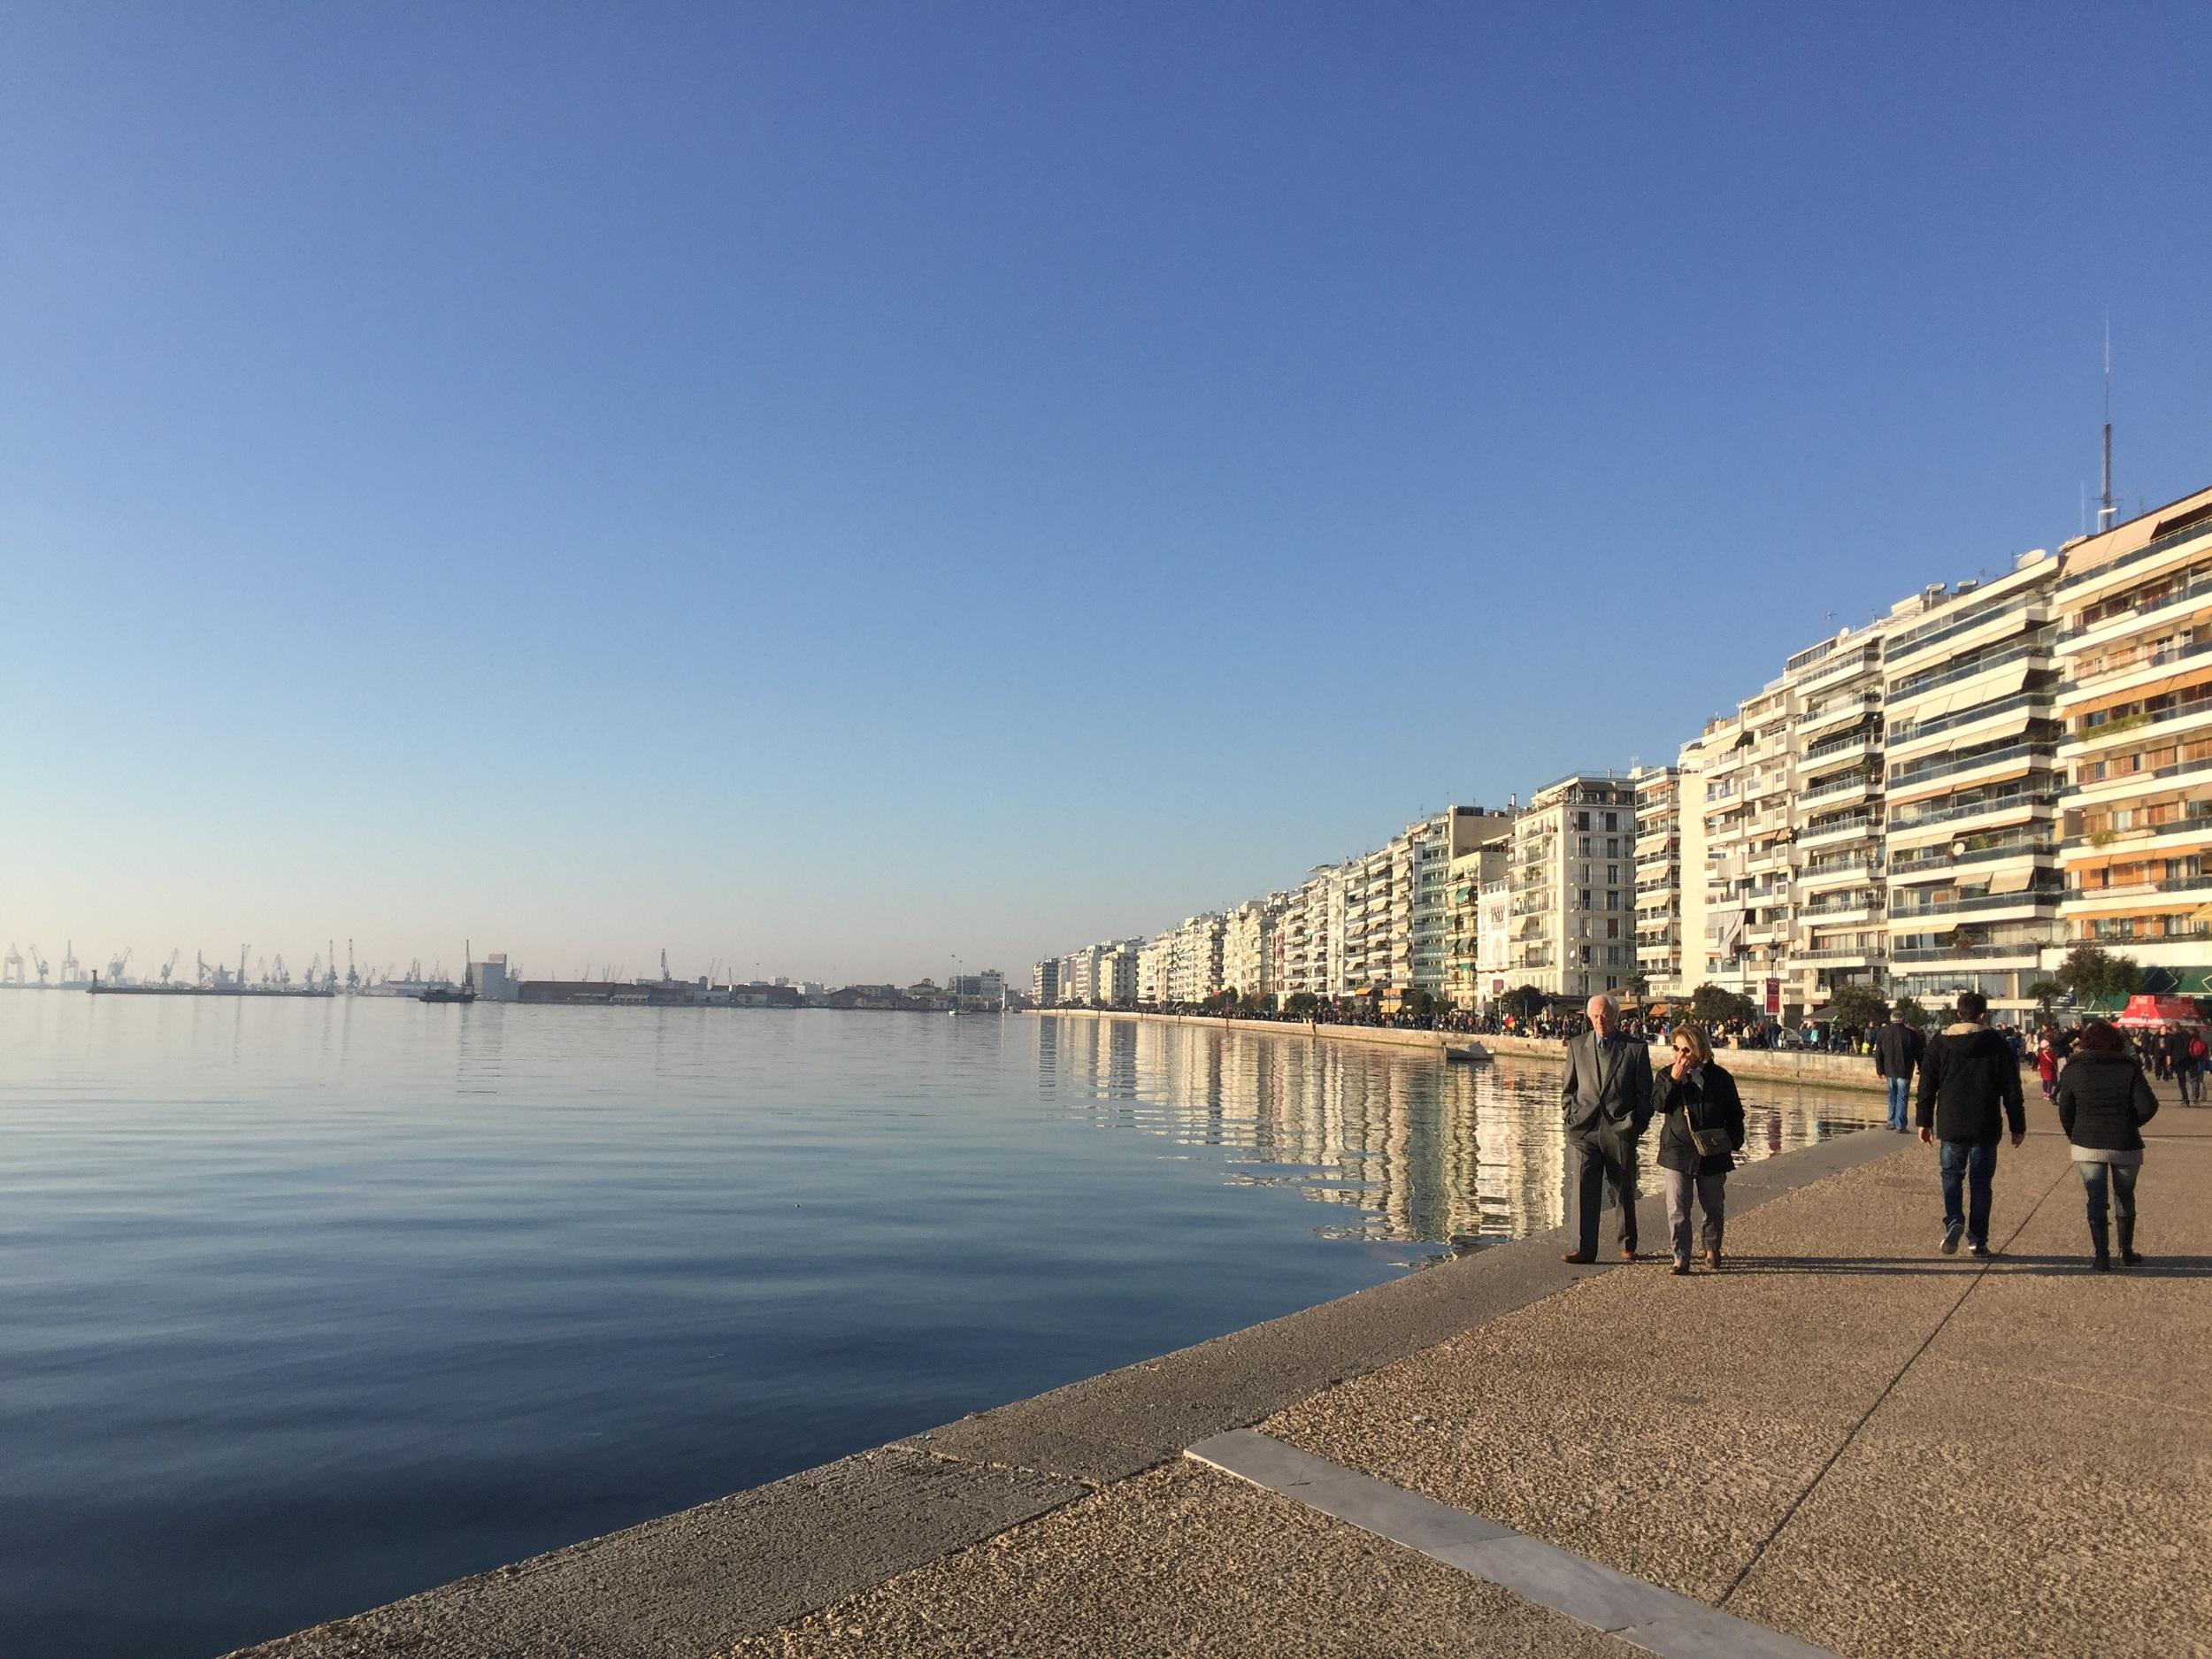 Along the boardwalk in Thessaloniki